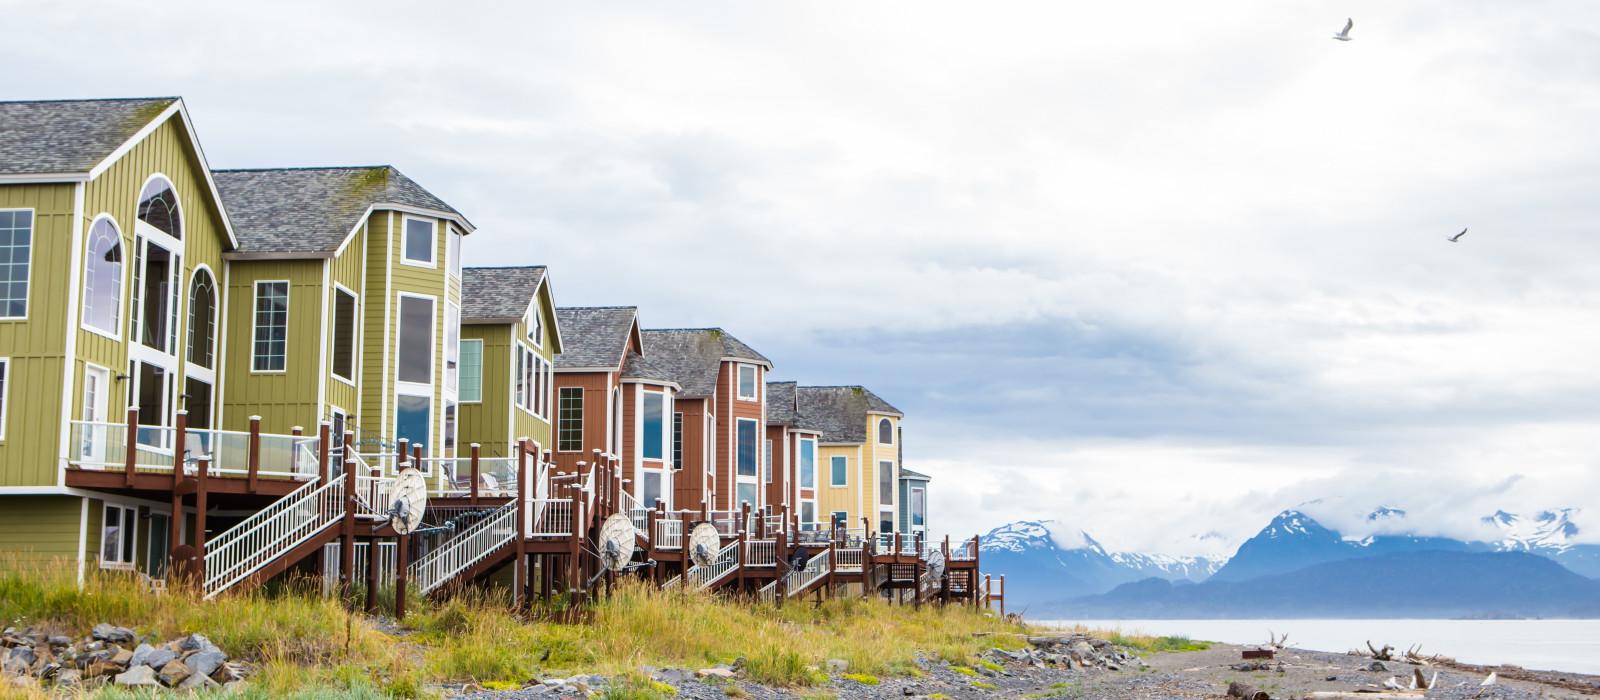 Road Trip: Alaska's Majestic Landscapes Tour Trip 1